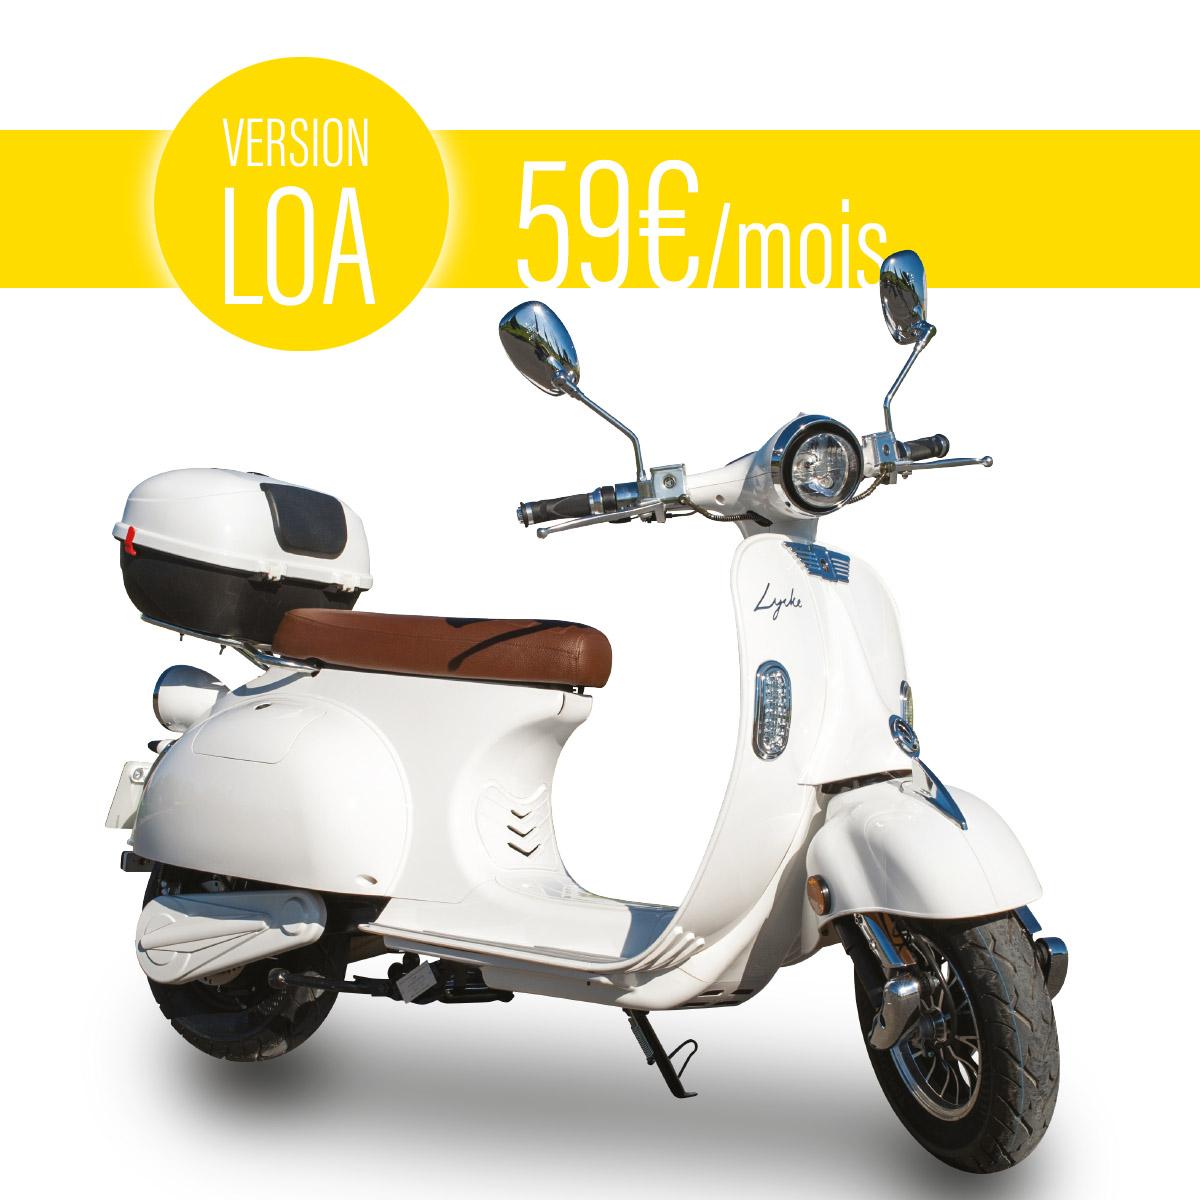 Scooter électrique Lycke Rétro 50 | Version LOA